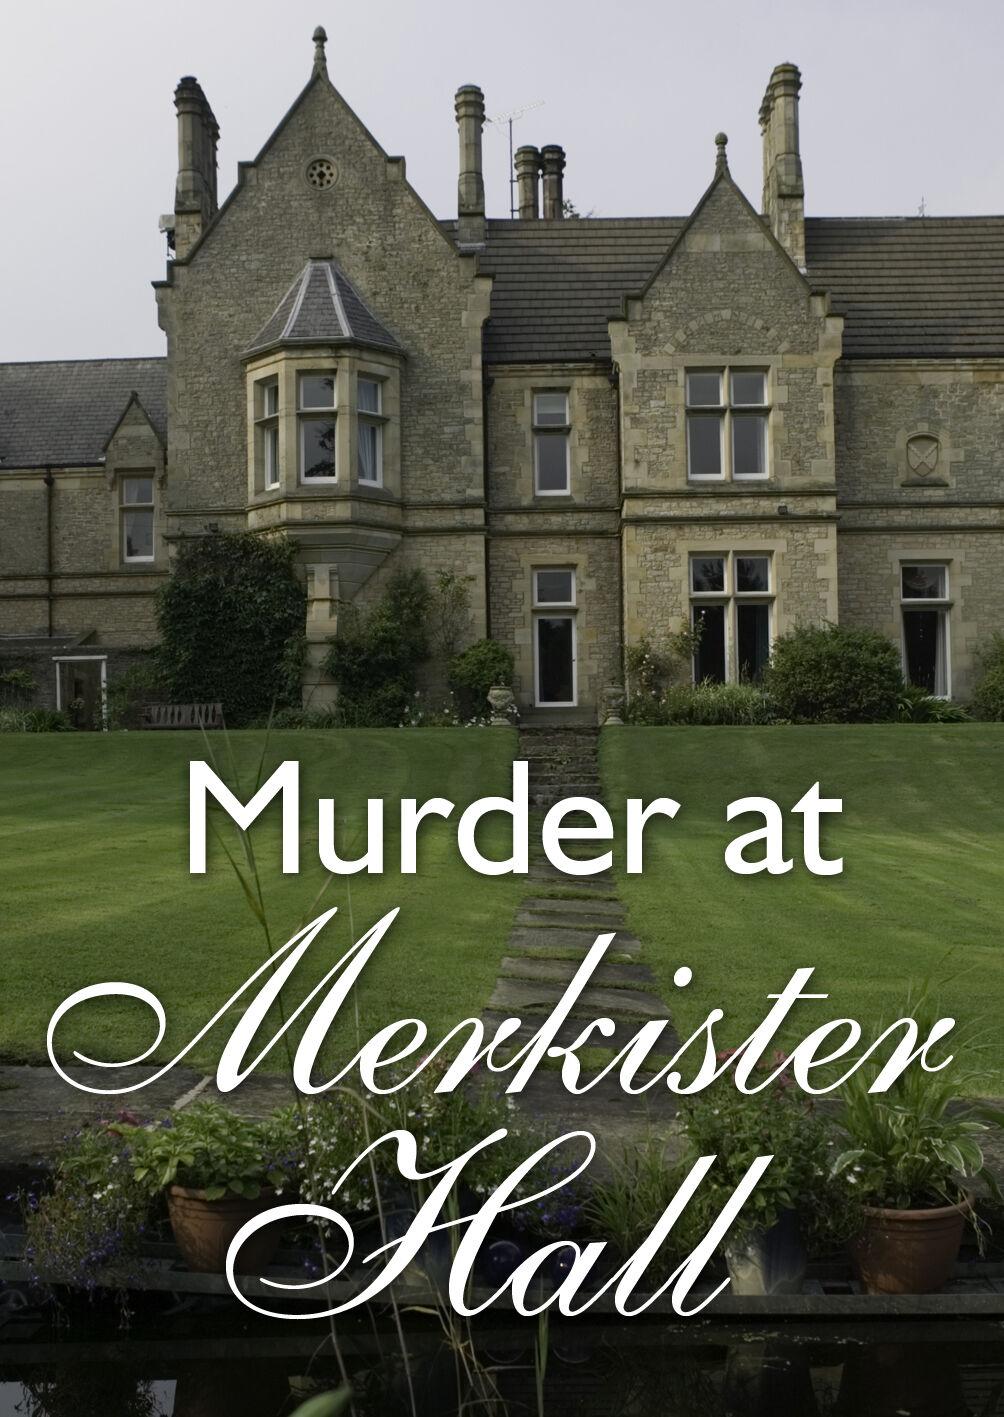 Mord an merkister hall - 6, 8, 10, 12, 14, 16, 18, 20 spieler spielen